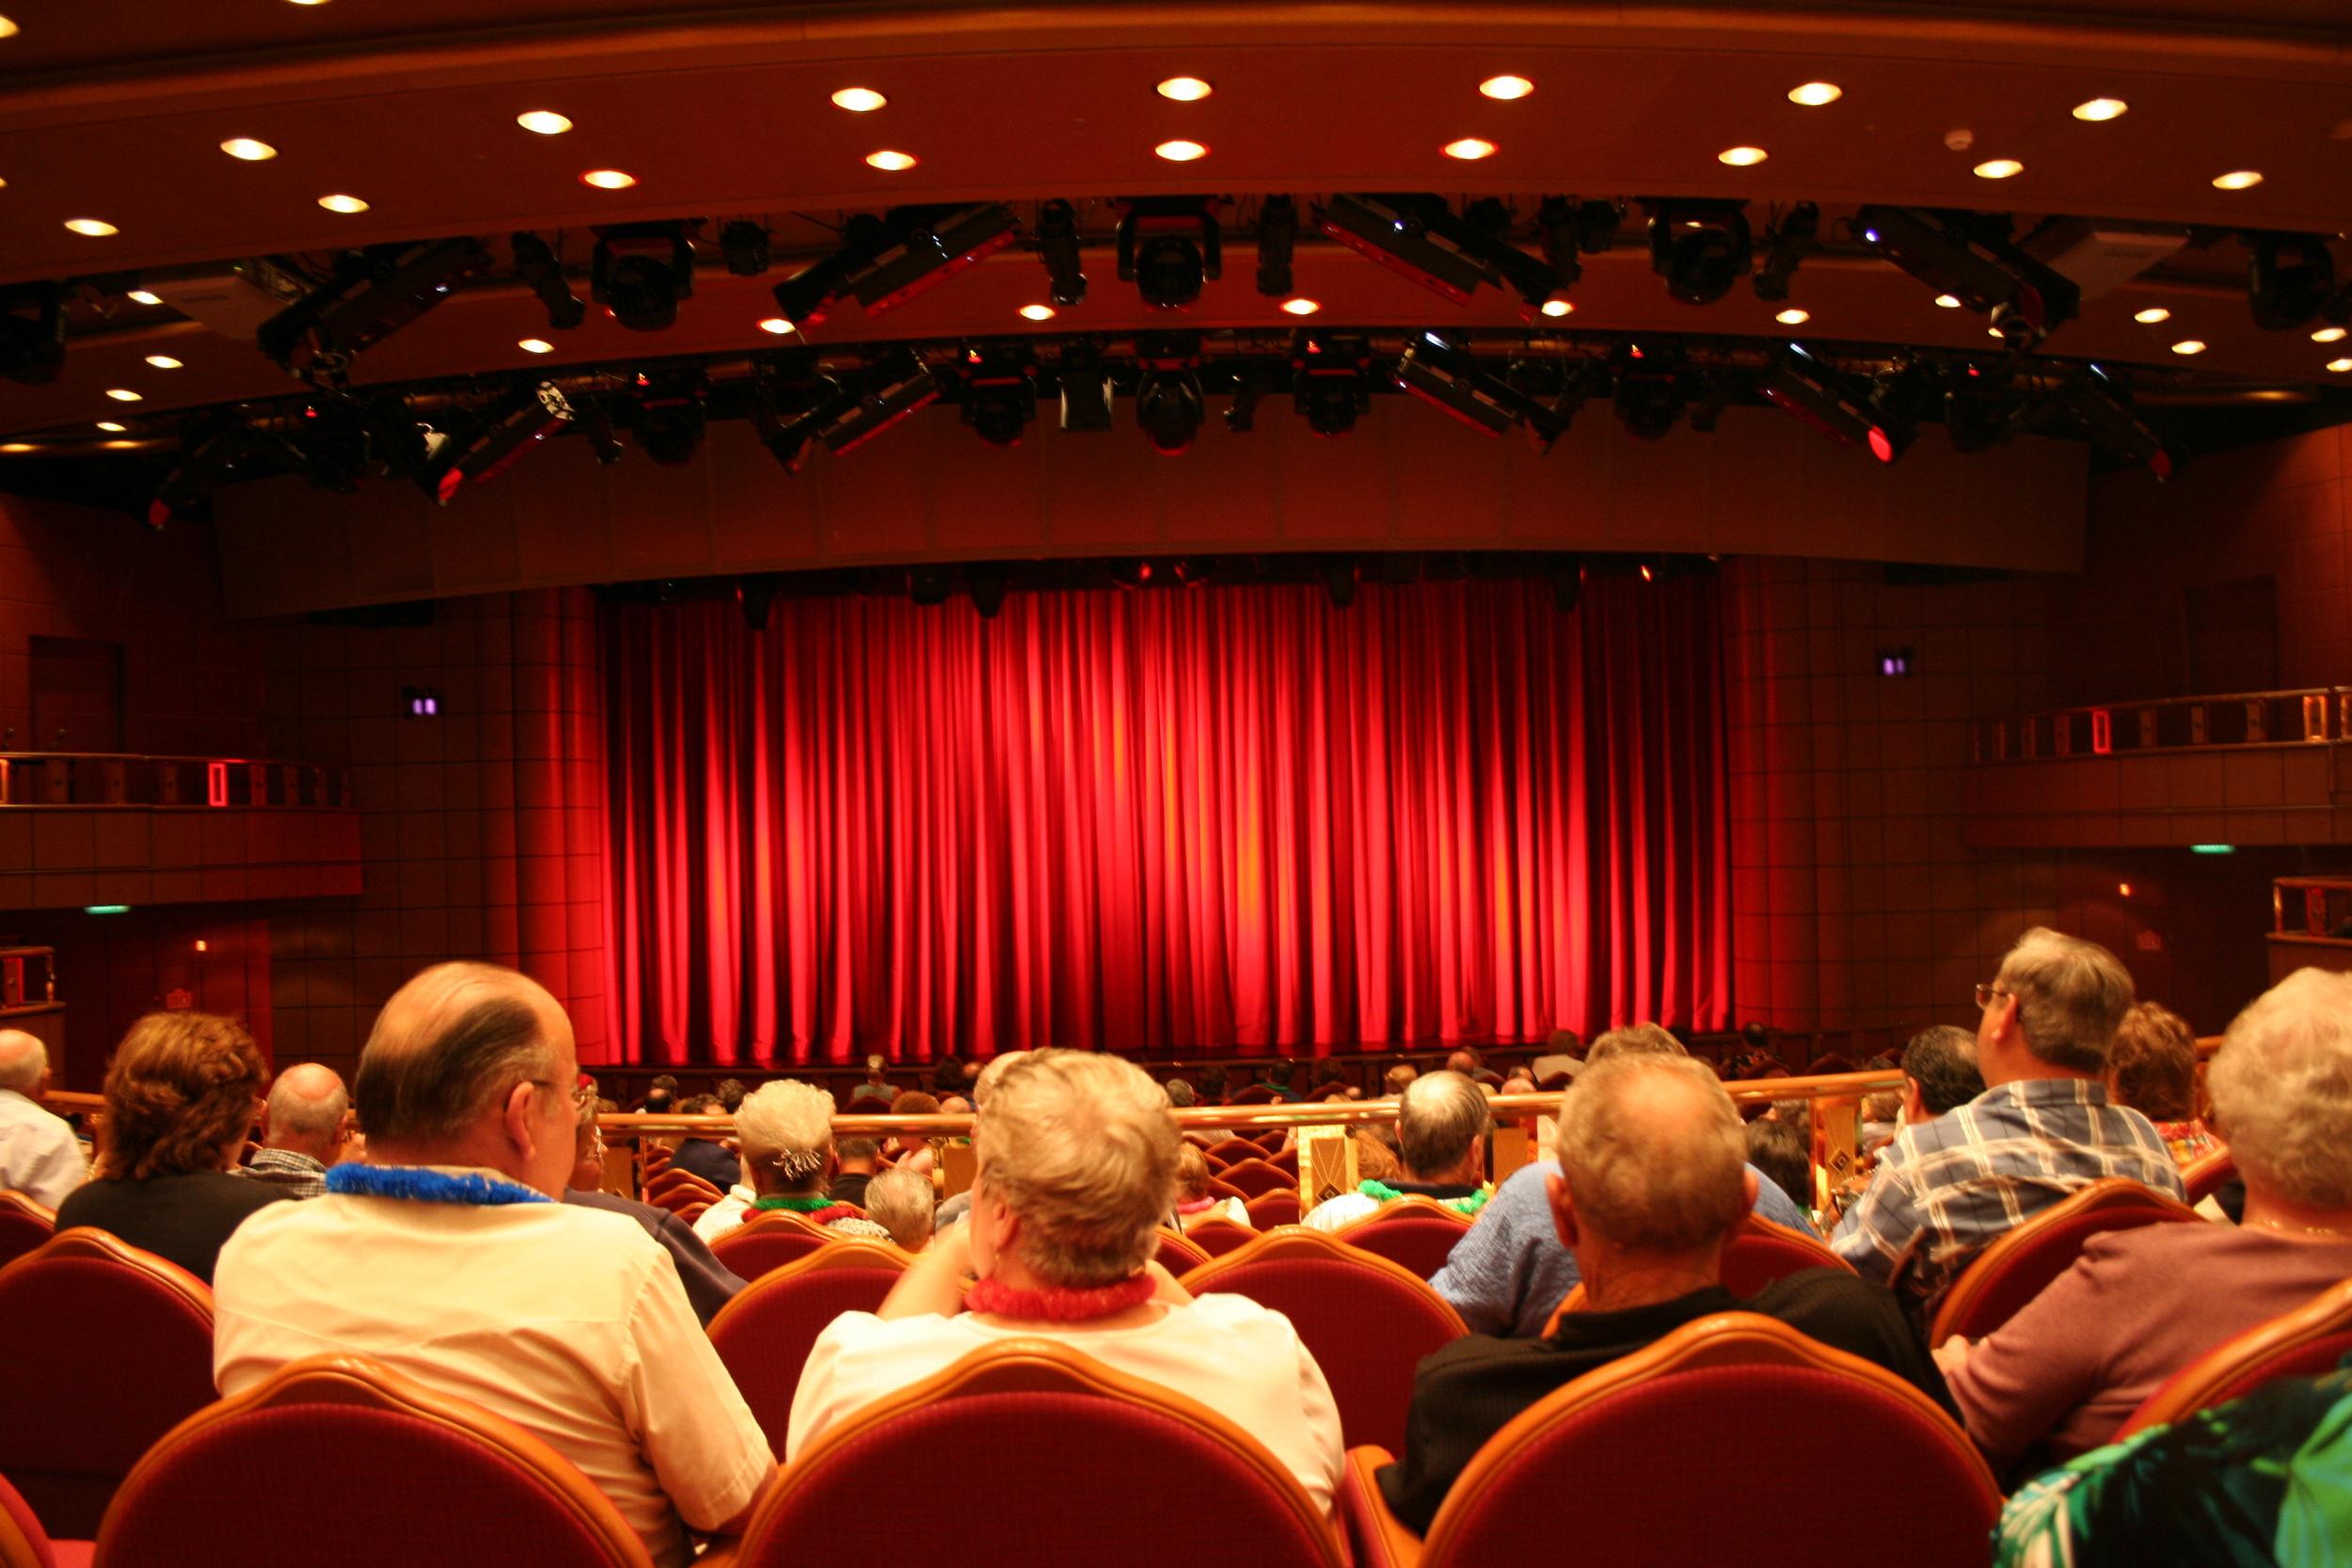 ¿Quieres saber lo que nadie sabe sobre presentaciones? Foto: Kimberly Kessler.